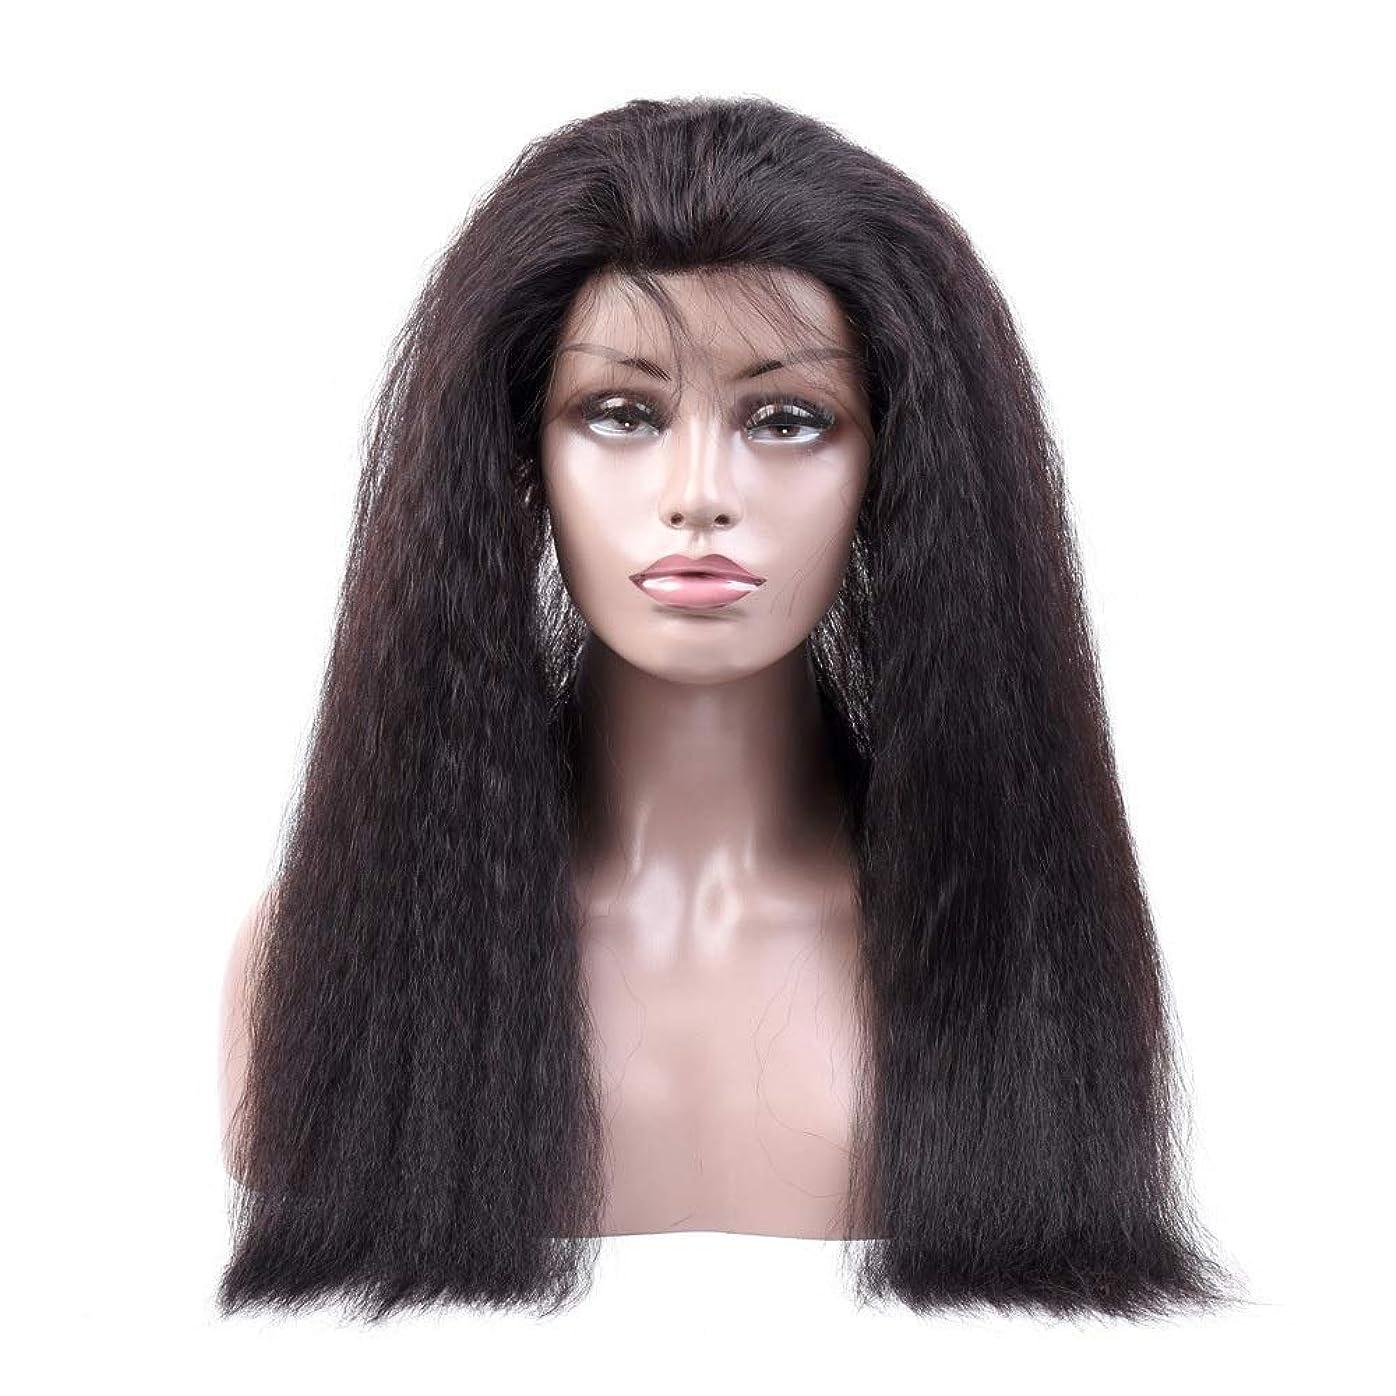 回転させる不機嫌行うYESONEEP 変態ストレート人間の髪の毛のかつら360レース前頭かつら#1Bナチュラルカラー女性複合かつらレースかつらロールプレイングかつら (色 : 黒, サイズ : 14 inch)